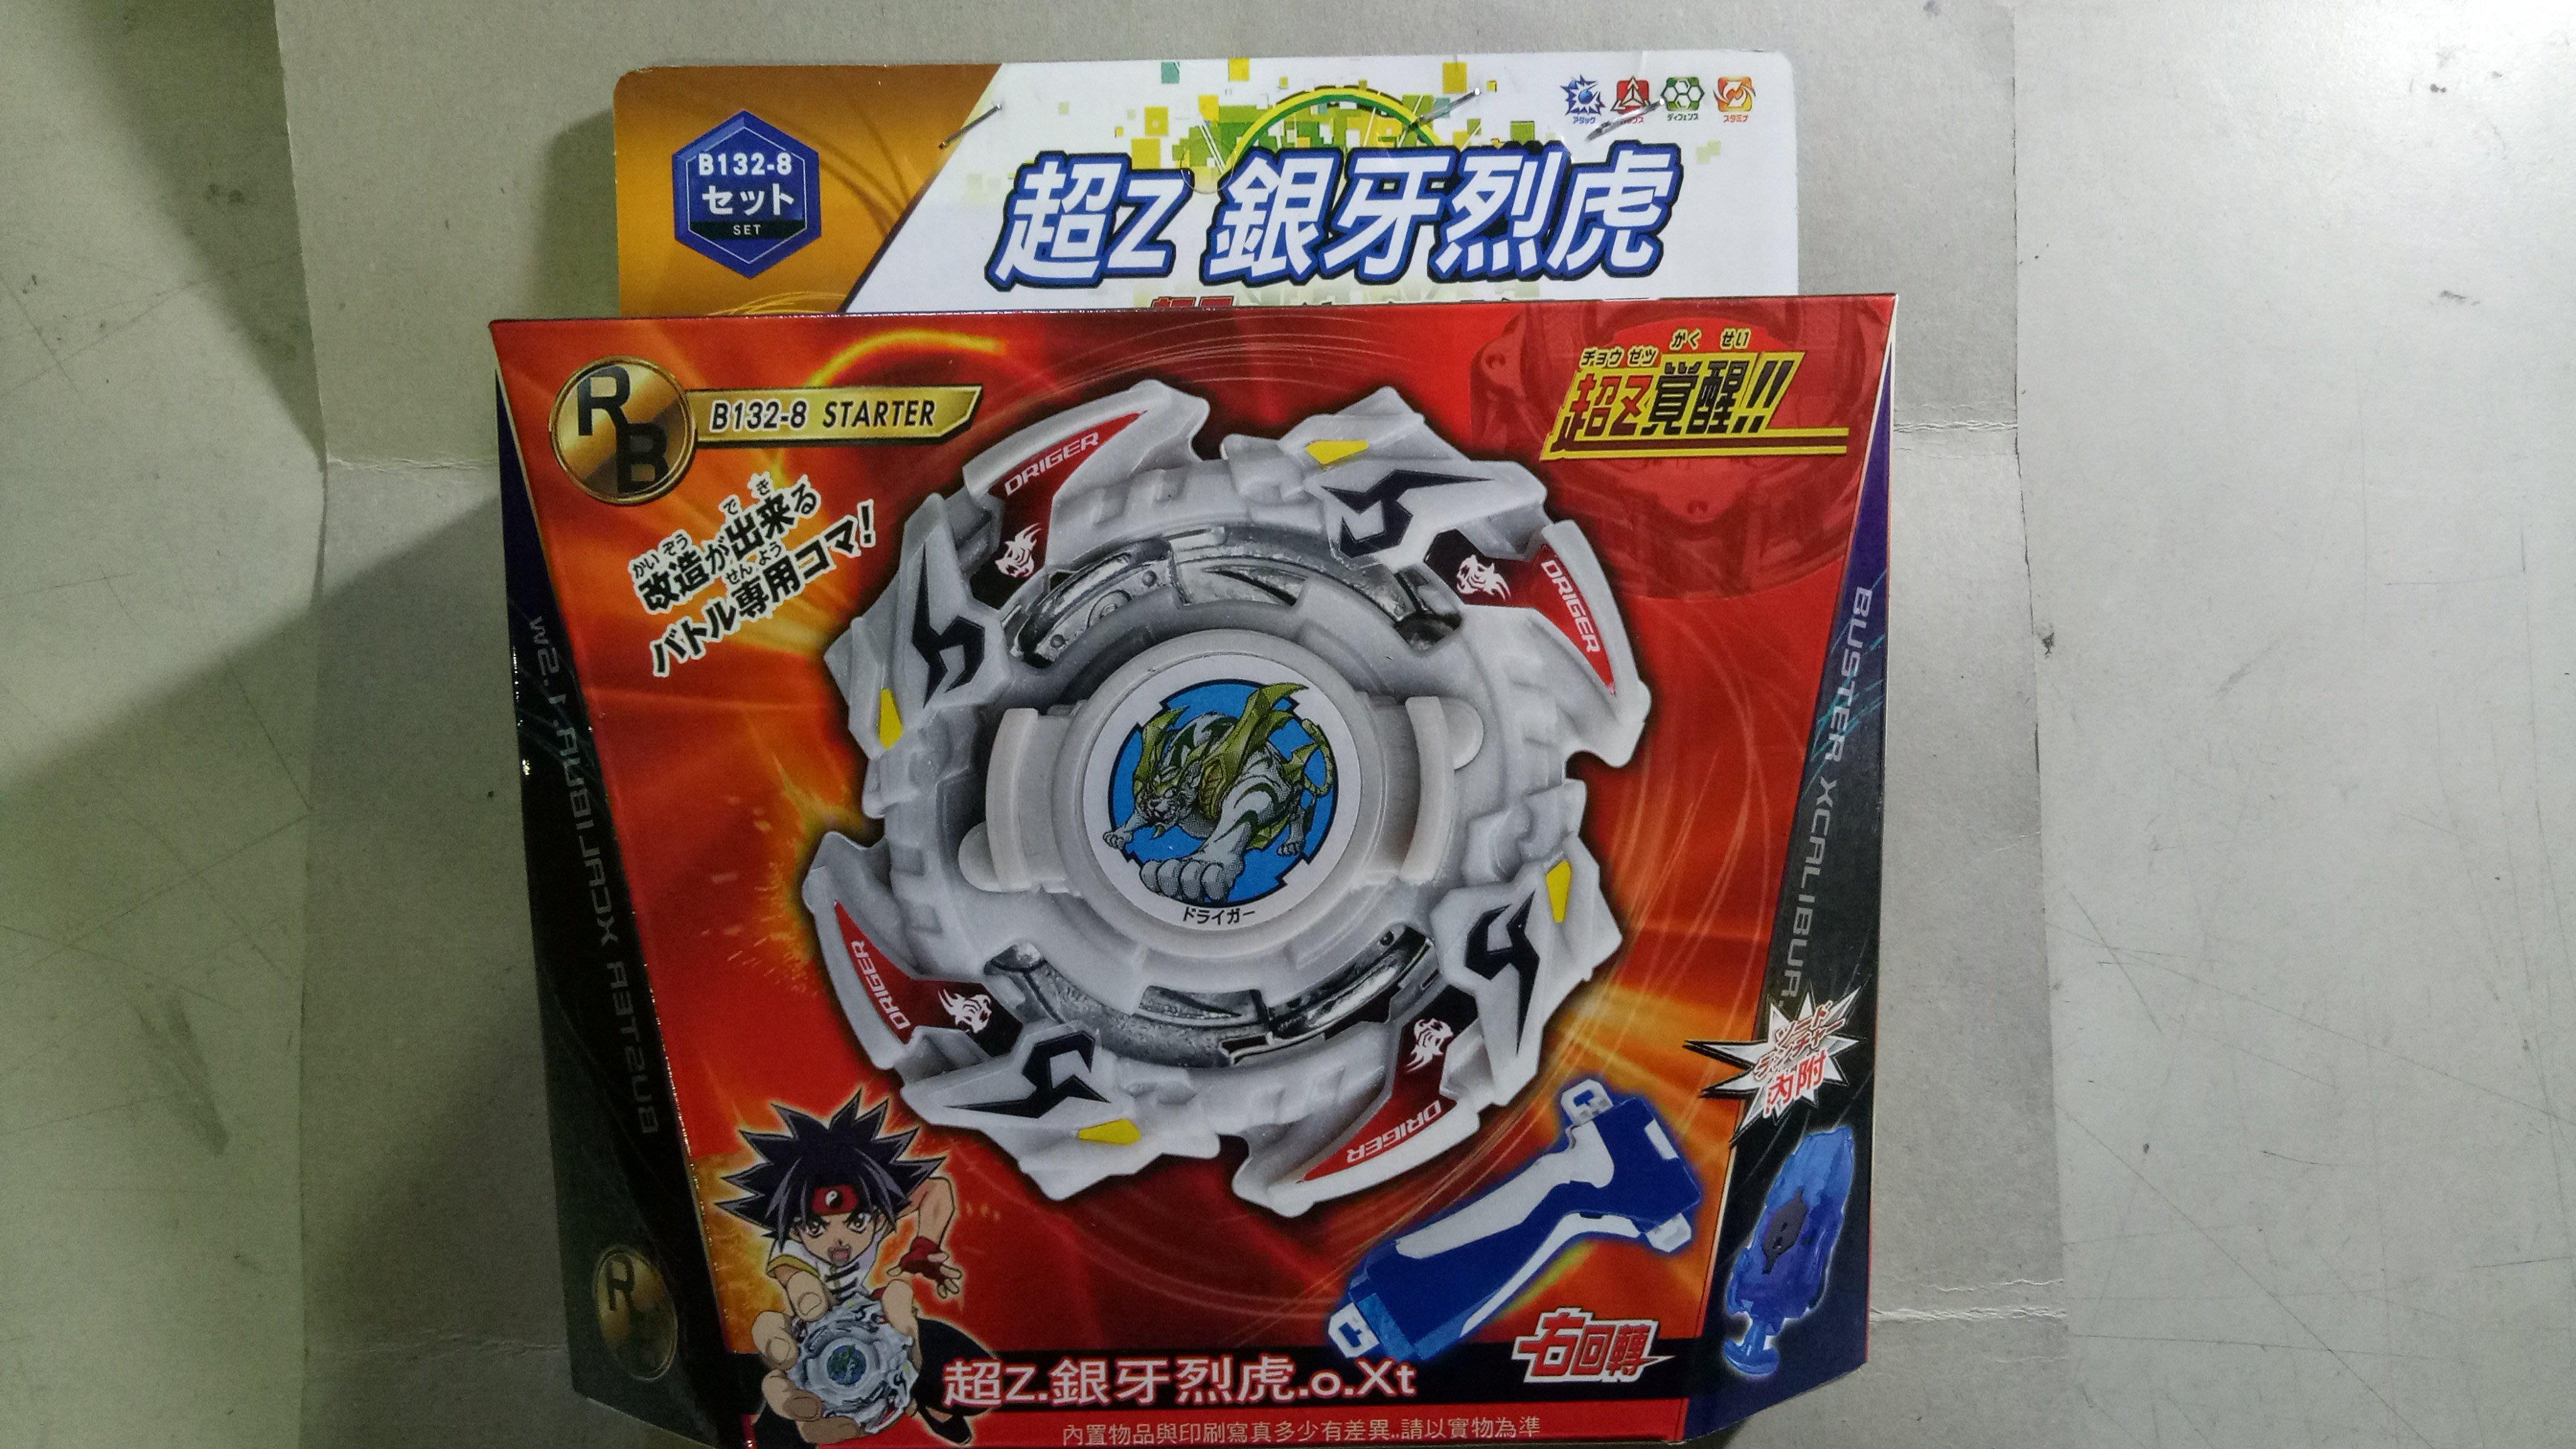 111玩具-爆裂陀螺---銀牙烈虎---下標就是直購價